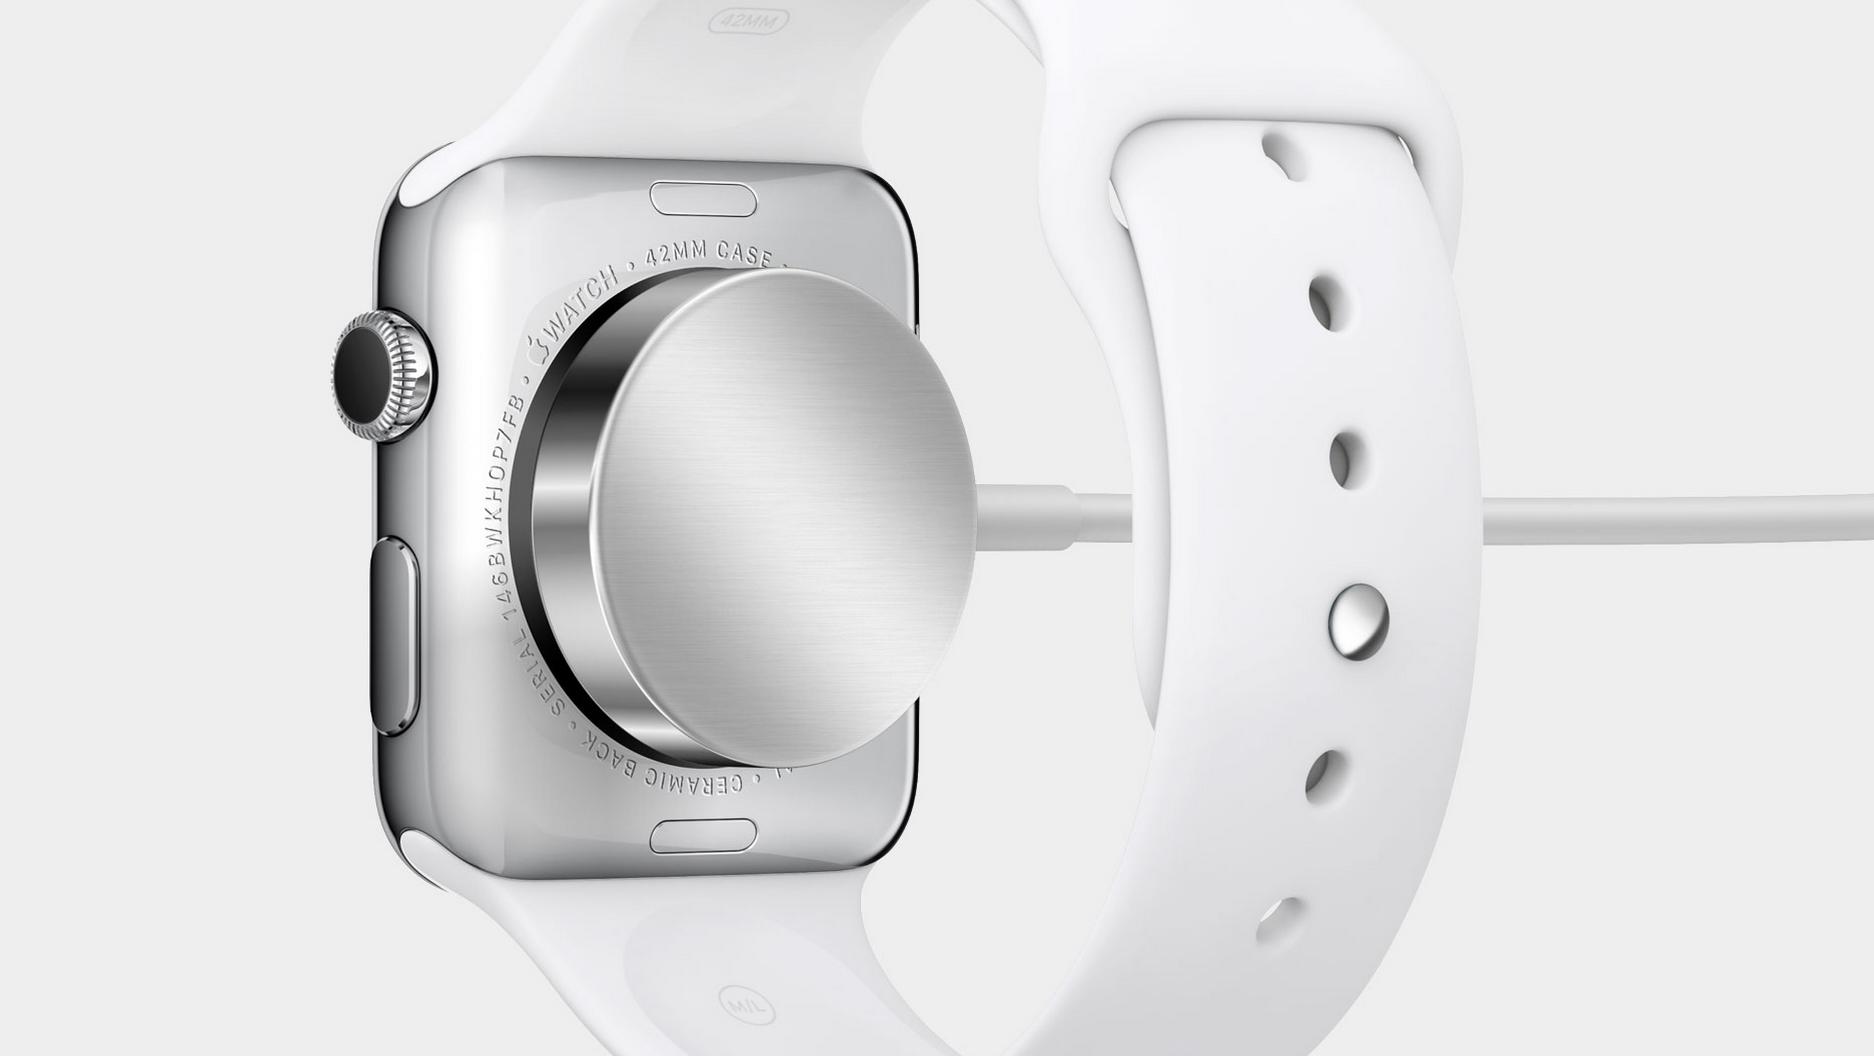 Официальная информация о времени работы Apple Watch